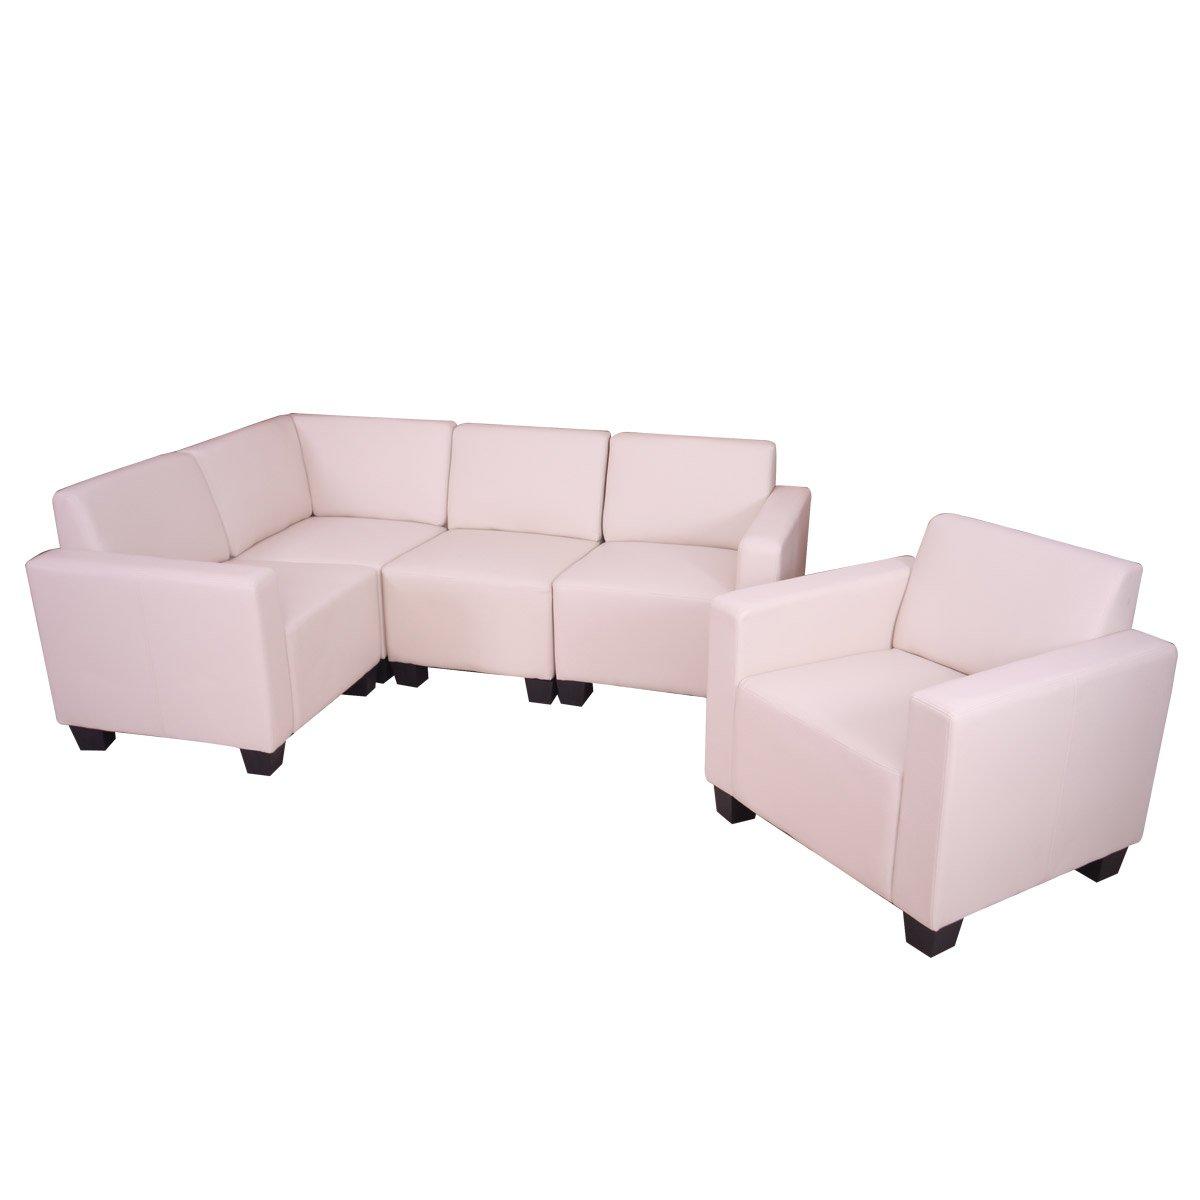 Sofa modular lyon en 4 piezas 1 sofa individual gran for Sofa gran confort precios